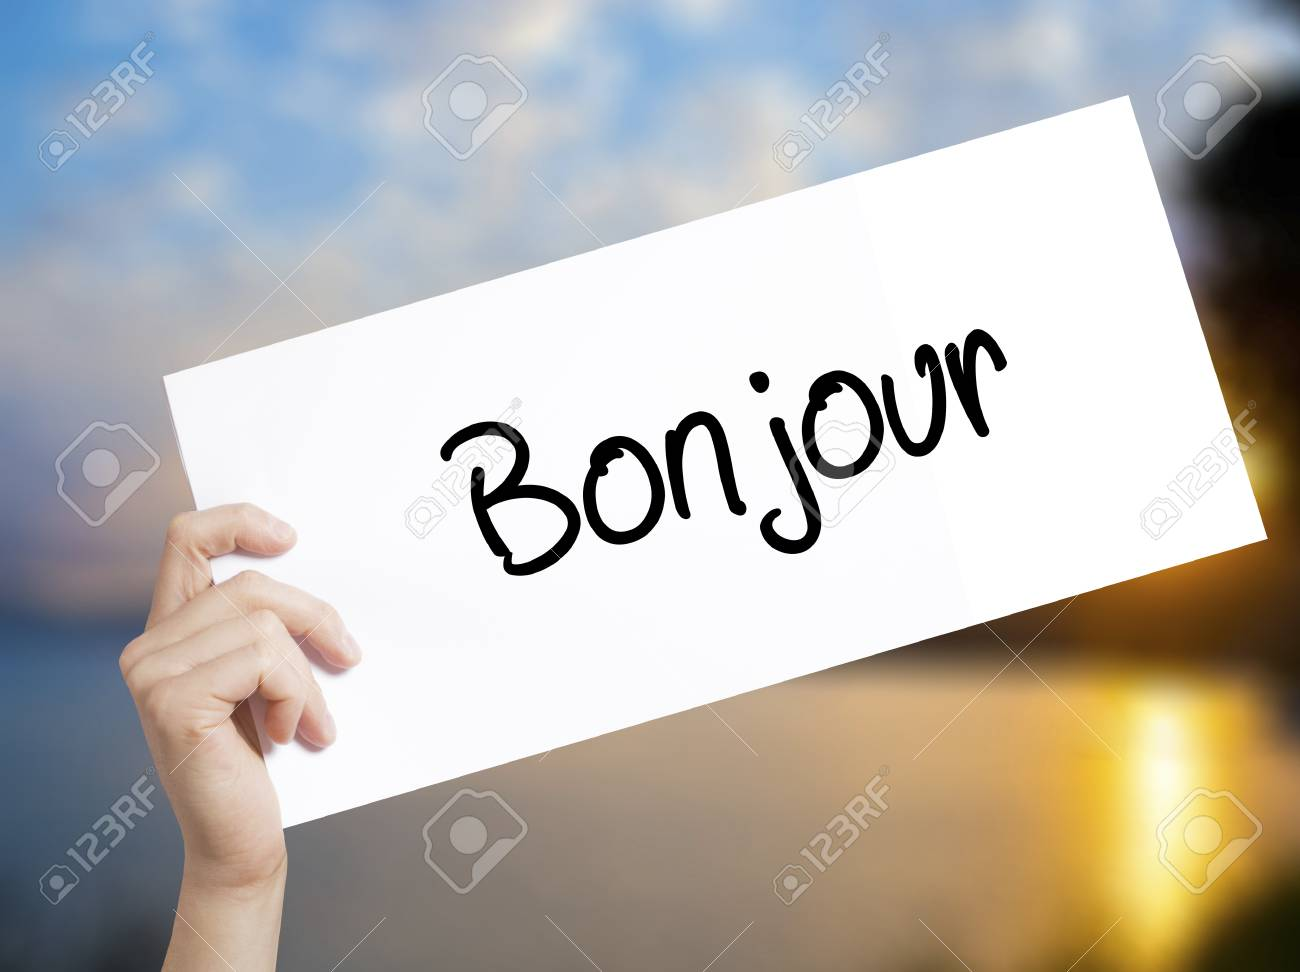 Bonjour Bom Dia Em Francês Cadastre Se Em Papel Branco Mão De Homem Segurando Papel Com Texto Isolado No Fundo Por Do Sol Conceito De Negócios